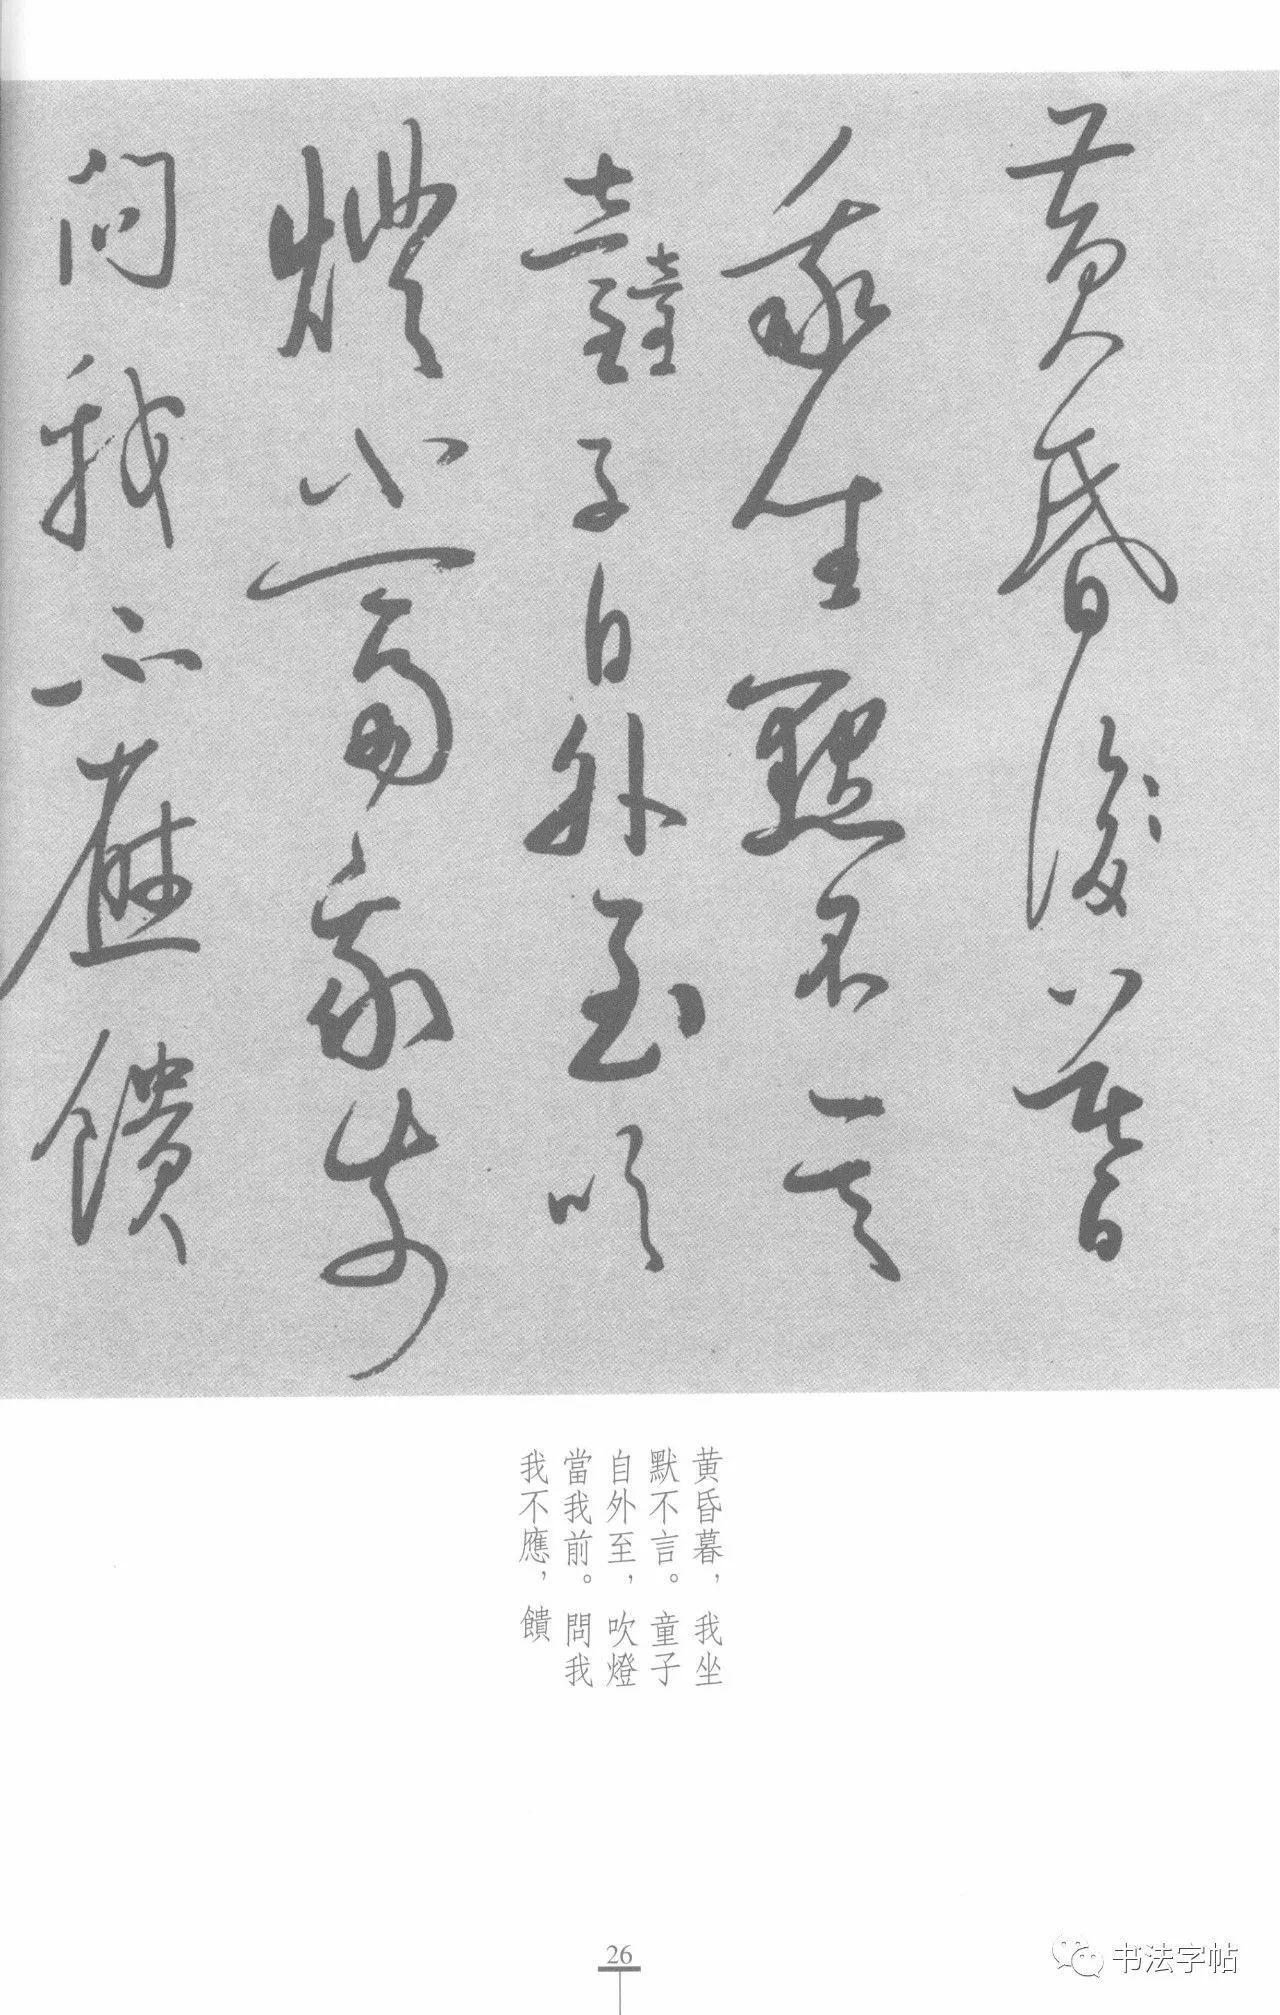 韩愈《晚春》_哔哩哔哩 (゜-゜)つロ 干杯~-bilibili